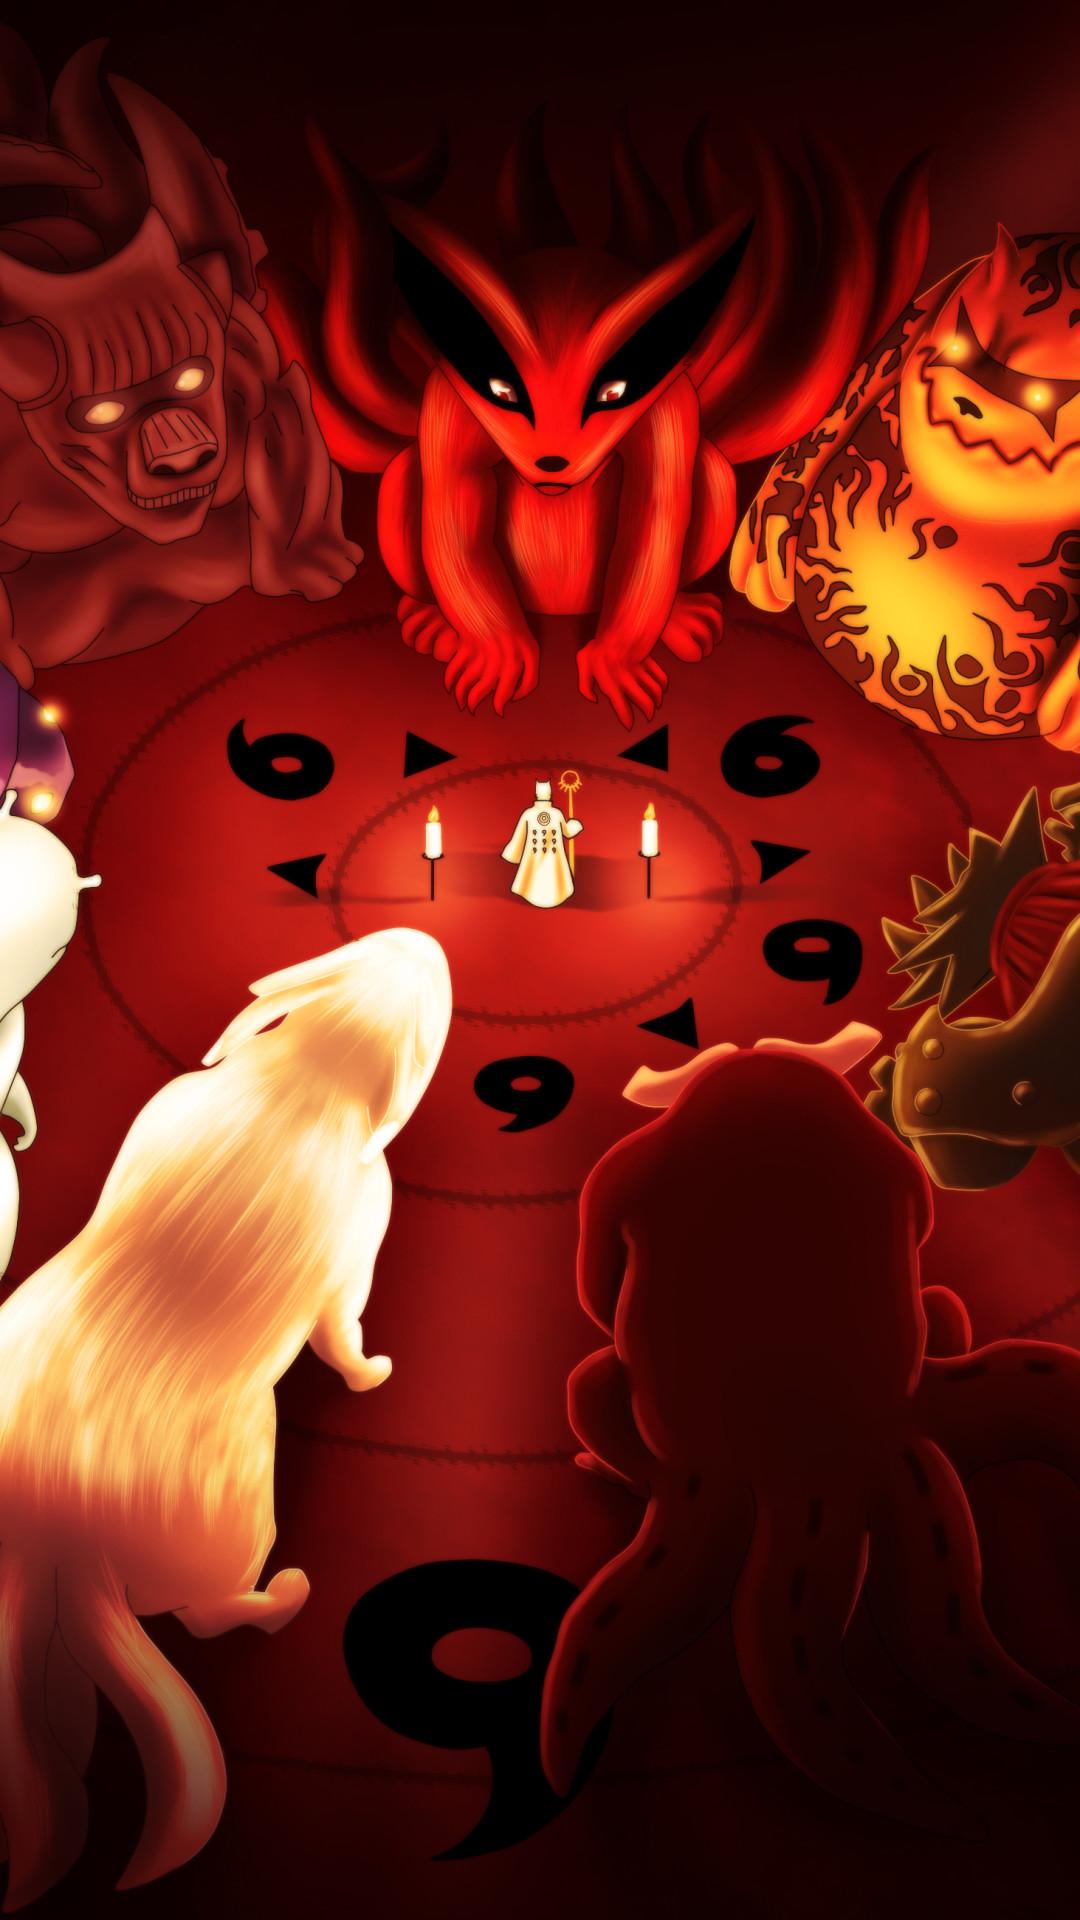 Naruto And Gaara Wallpaper 51 Images